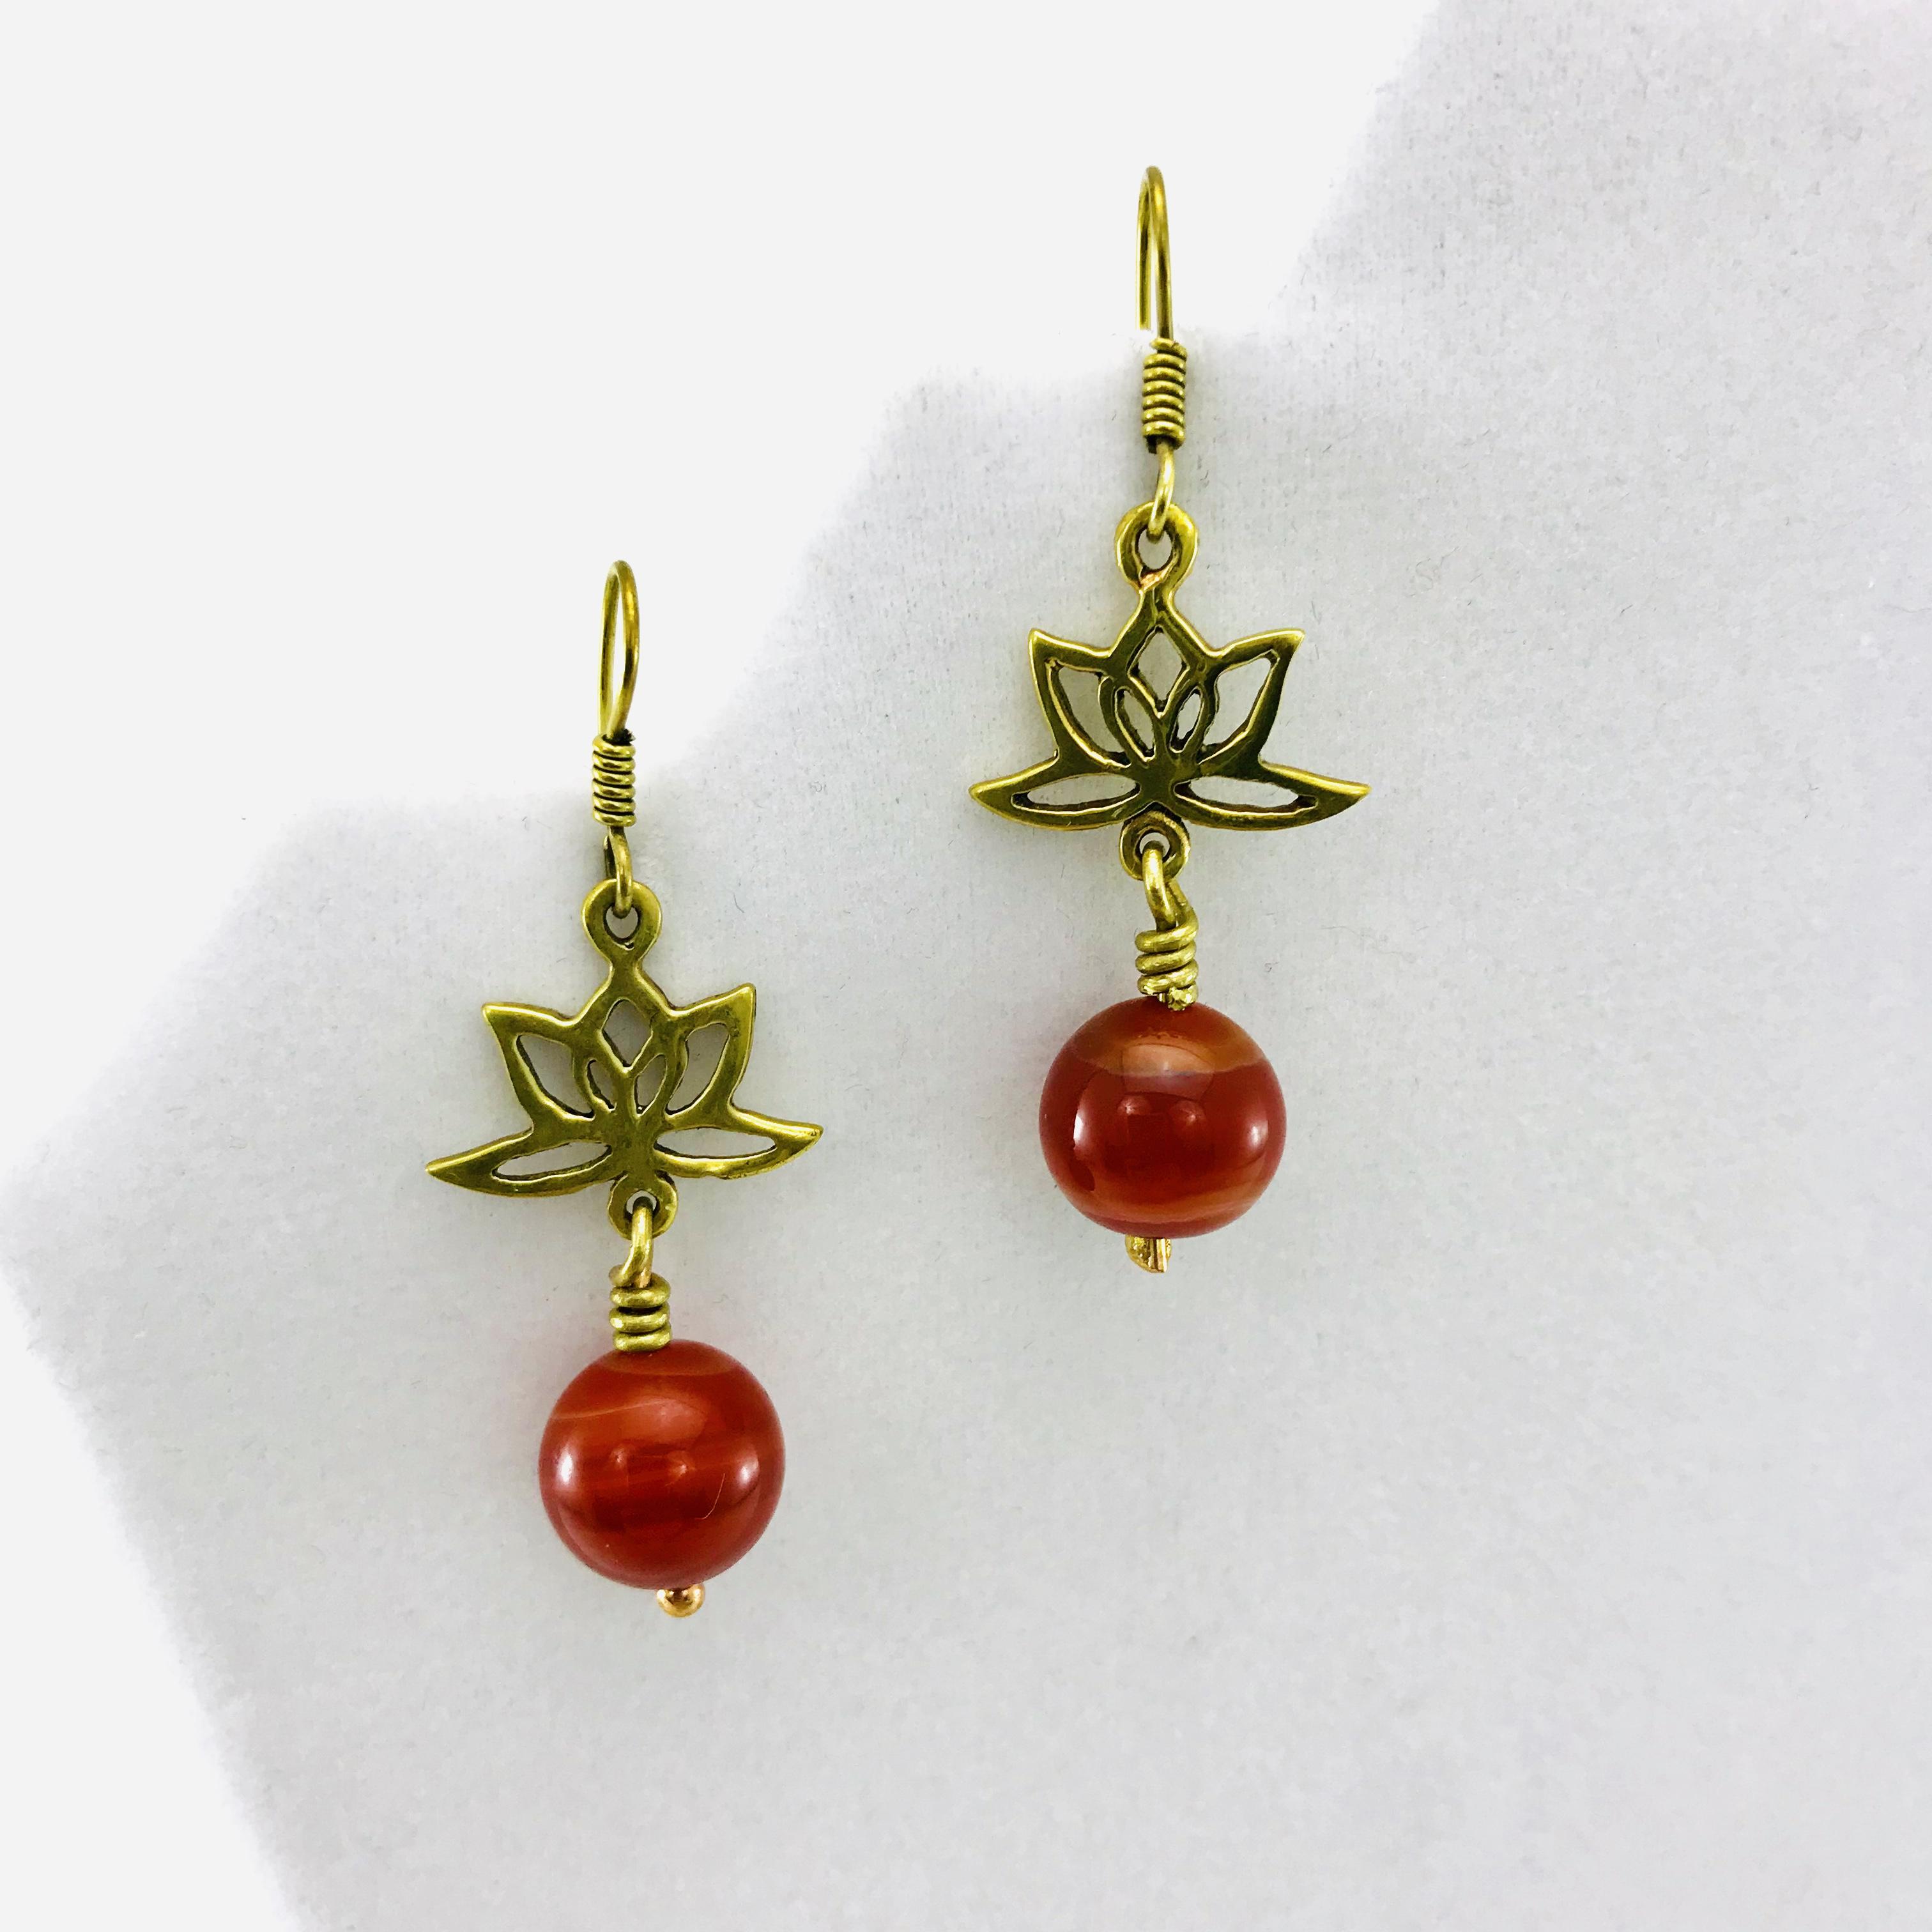 Les Boucles D'oreilles - Lotus Design Et Pierre - Agate Rouge